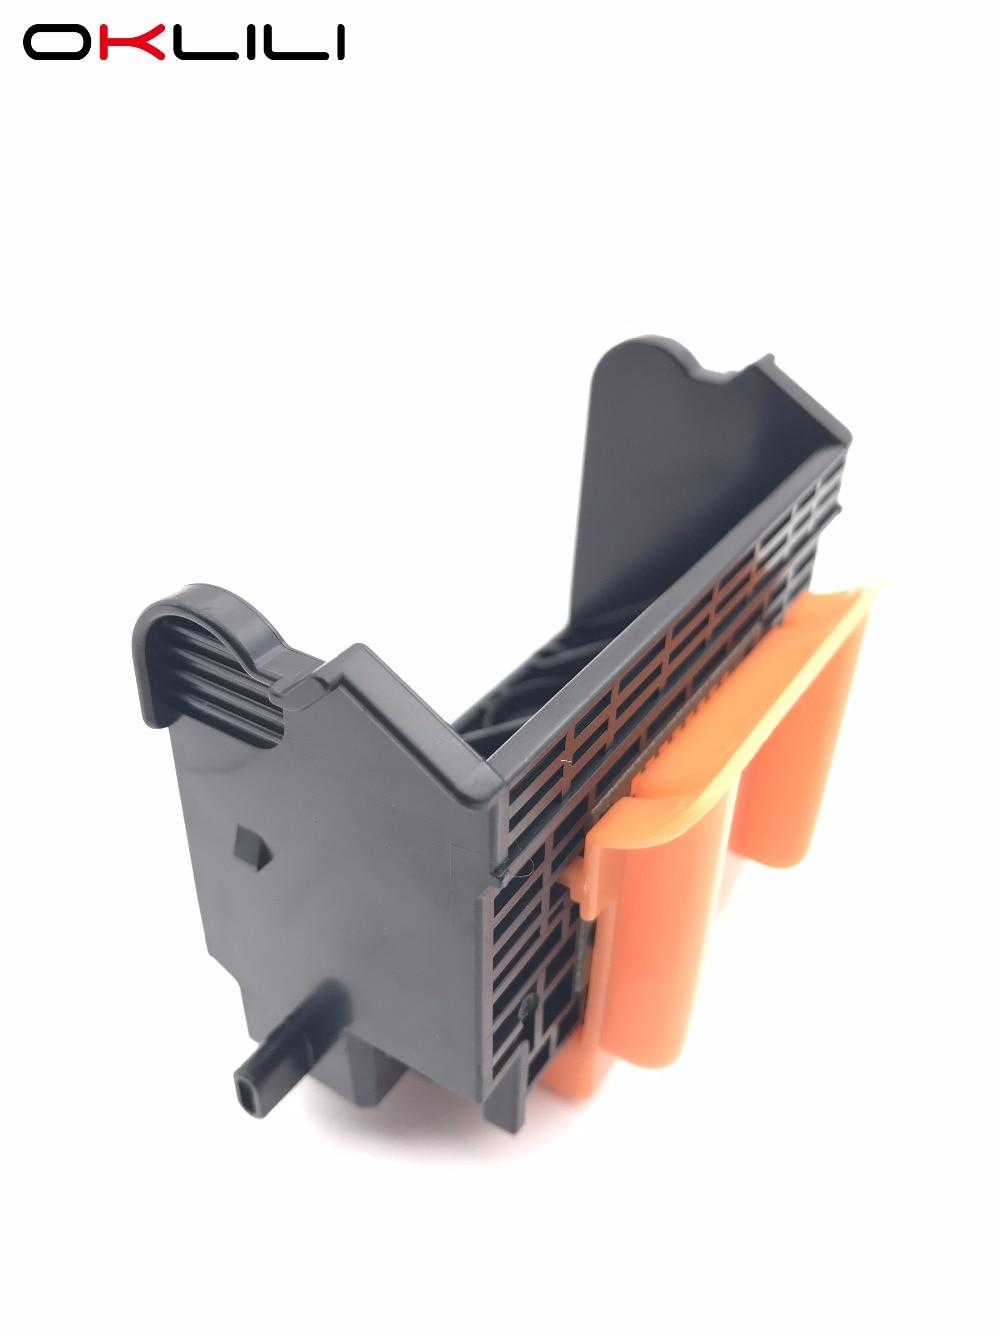 Canlı iP4200 MP500 MP530 üçün OKLILI ORIGINAL QY6-0059 - Ofis elektronikası - Fotoqrafiya 2